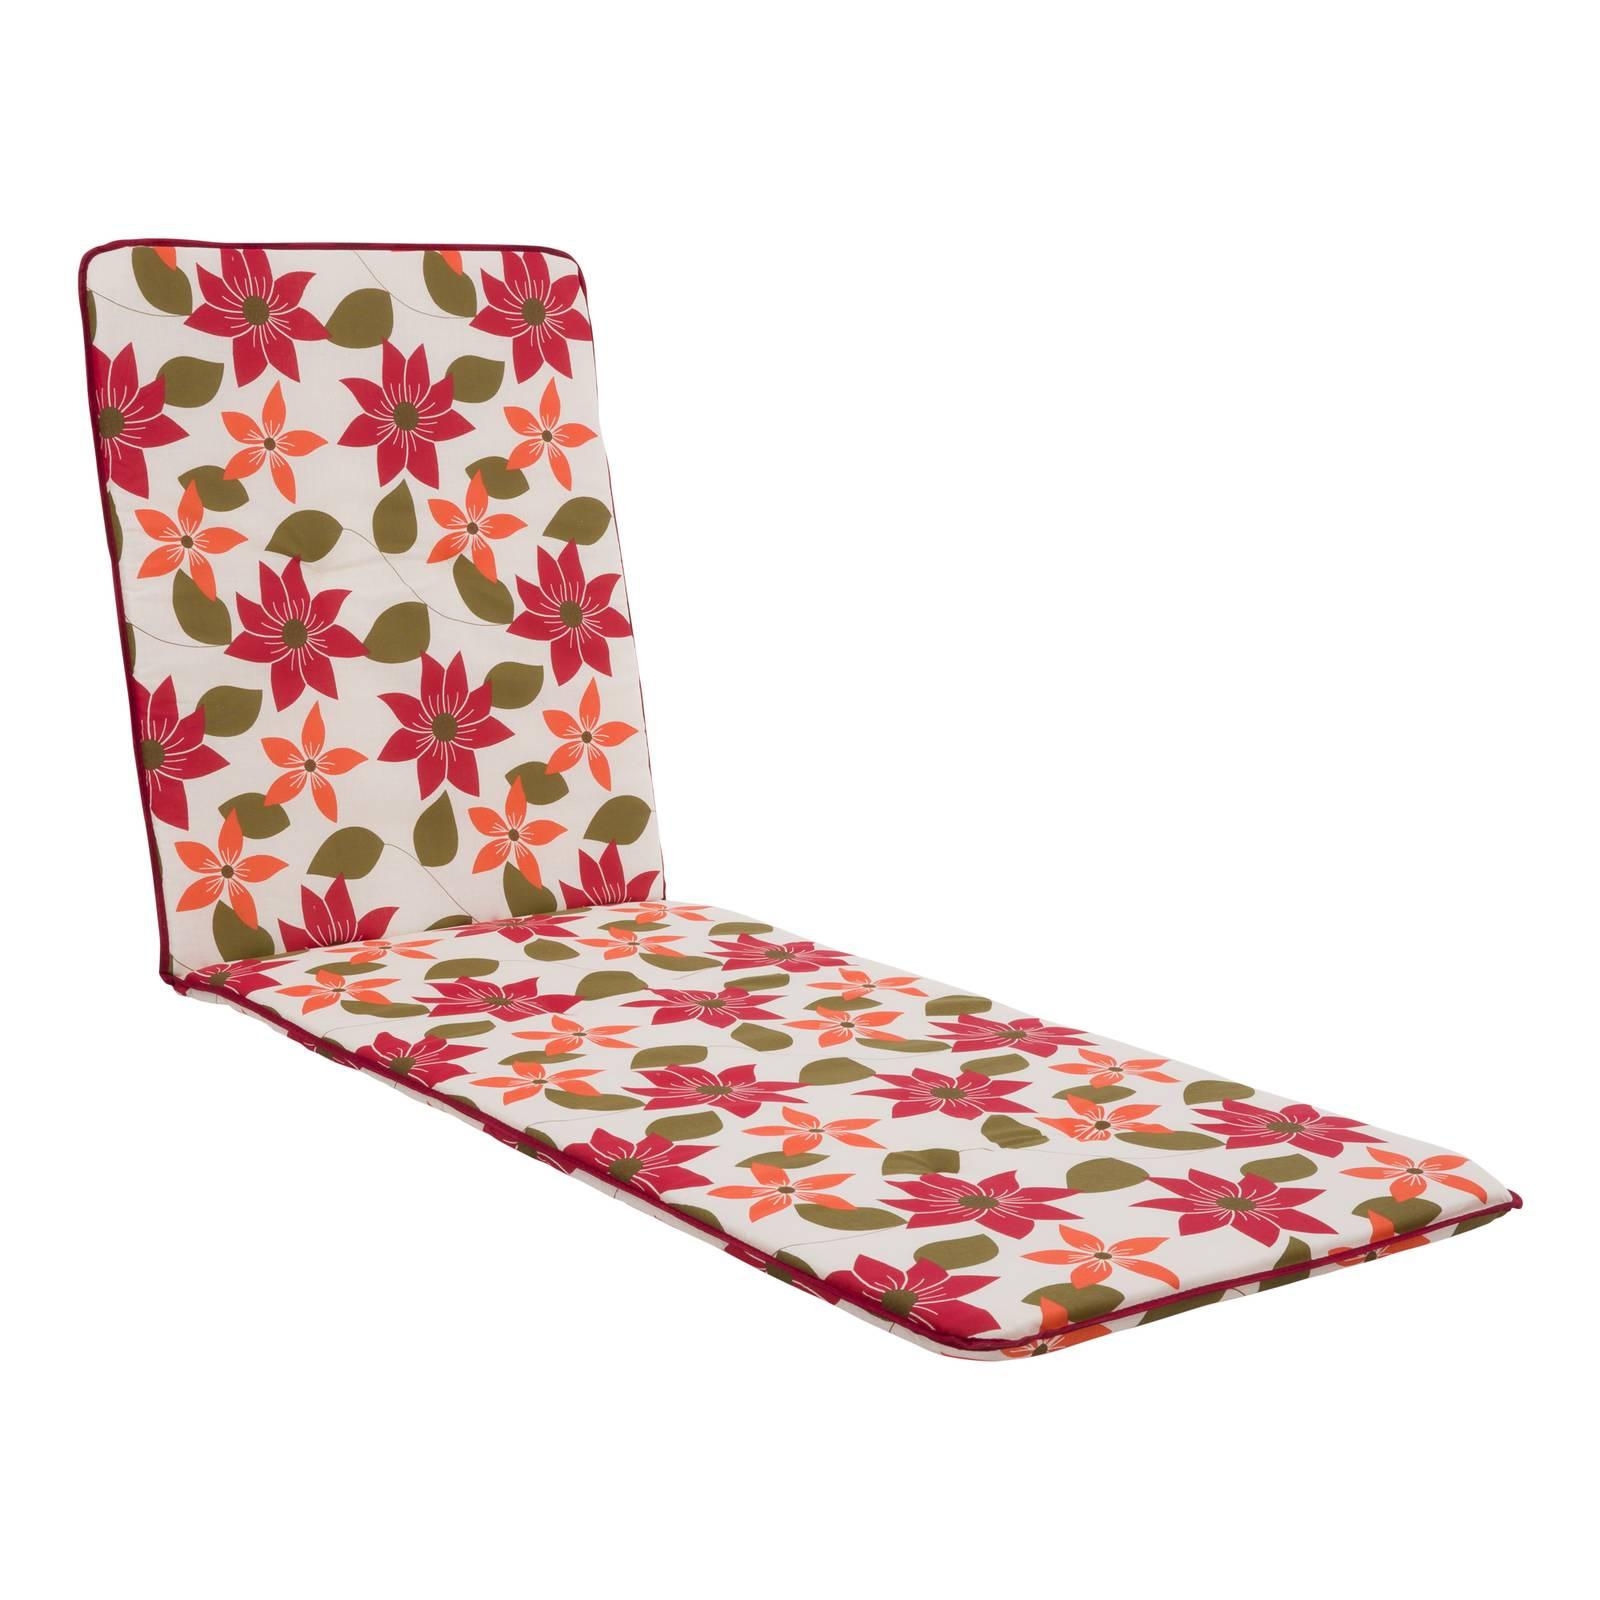 Poduszka na leżak / łóżko Mona Liege 4 cm A019-13BB PATIO